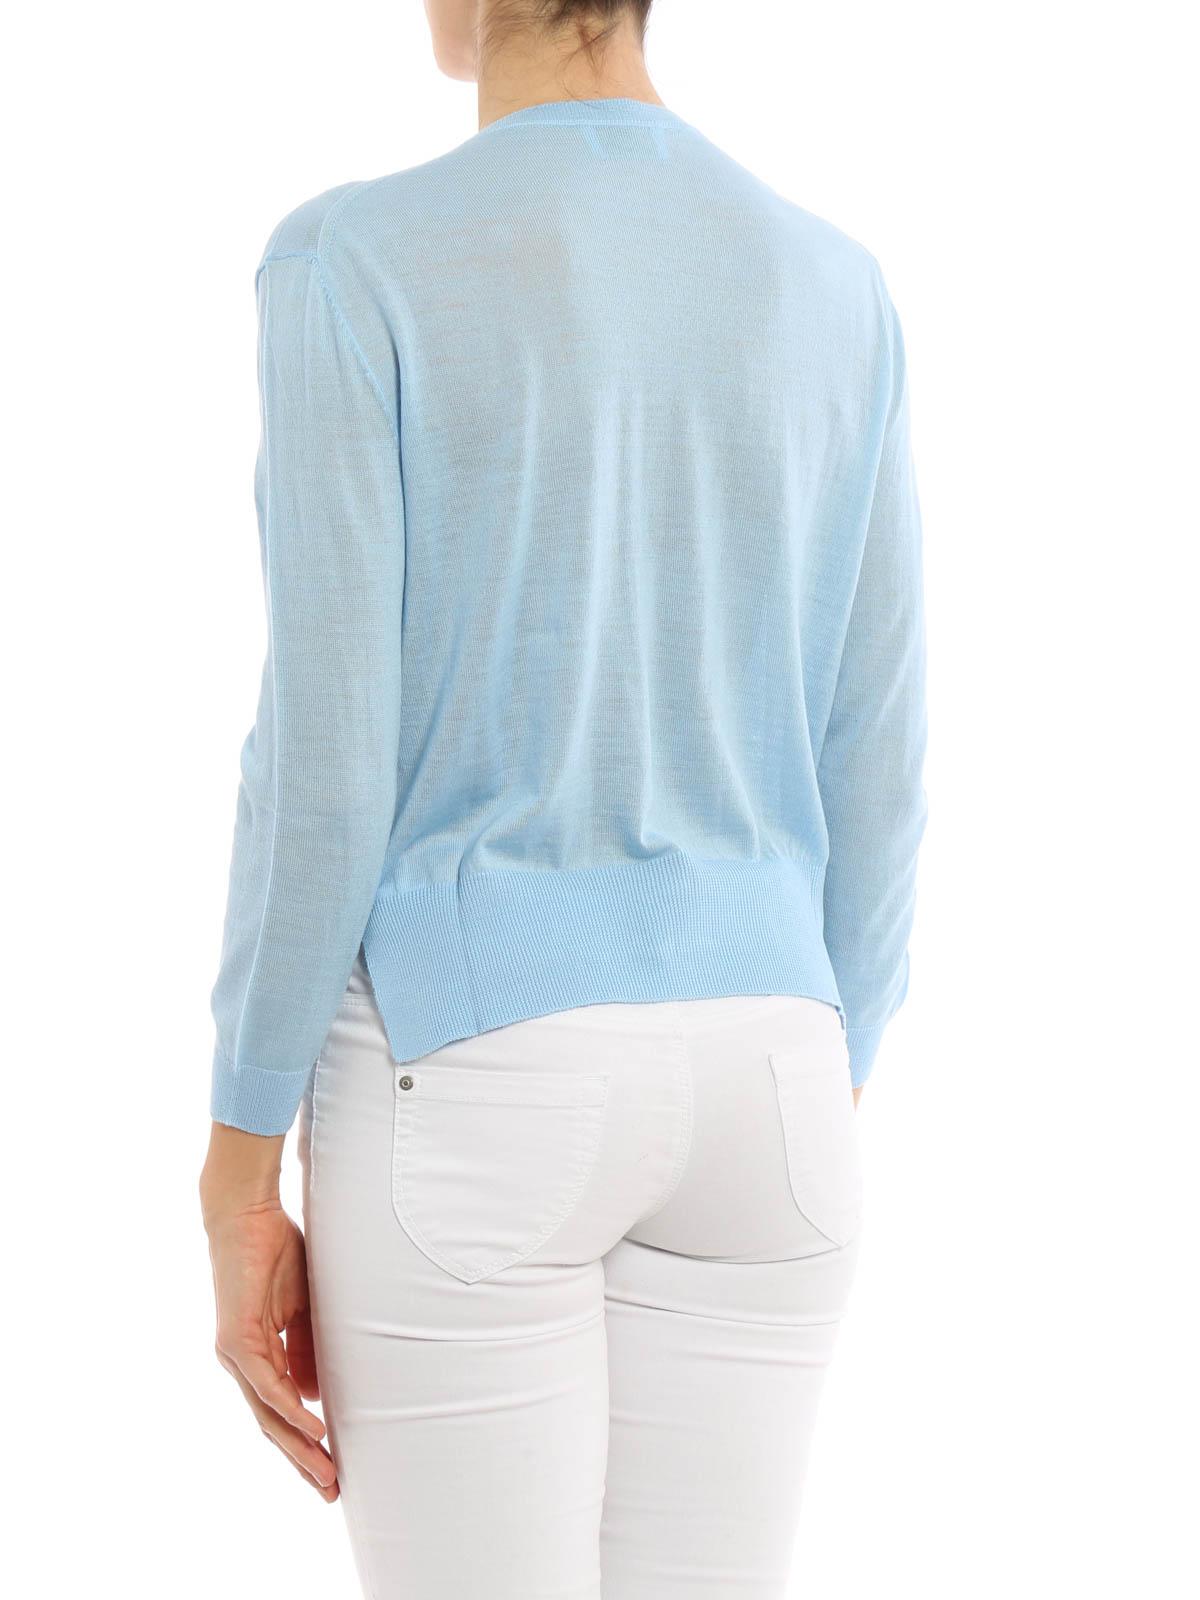 Prada - Cárdigans Azul Claro Para Mujer - Cárdigans - 125737 1HTE F0360 49bc9836e78f